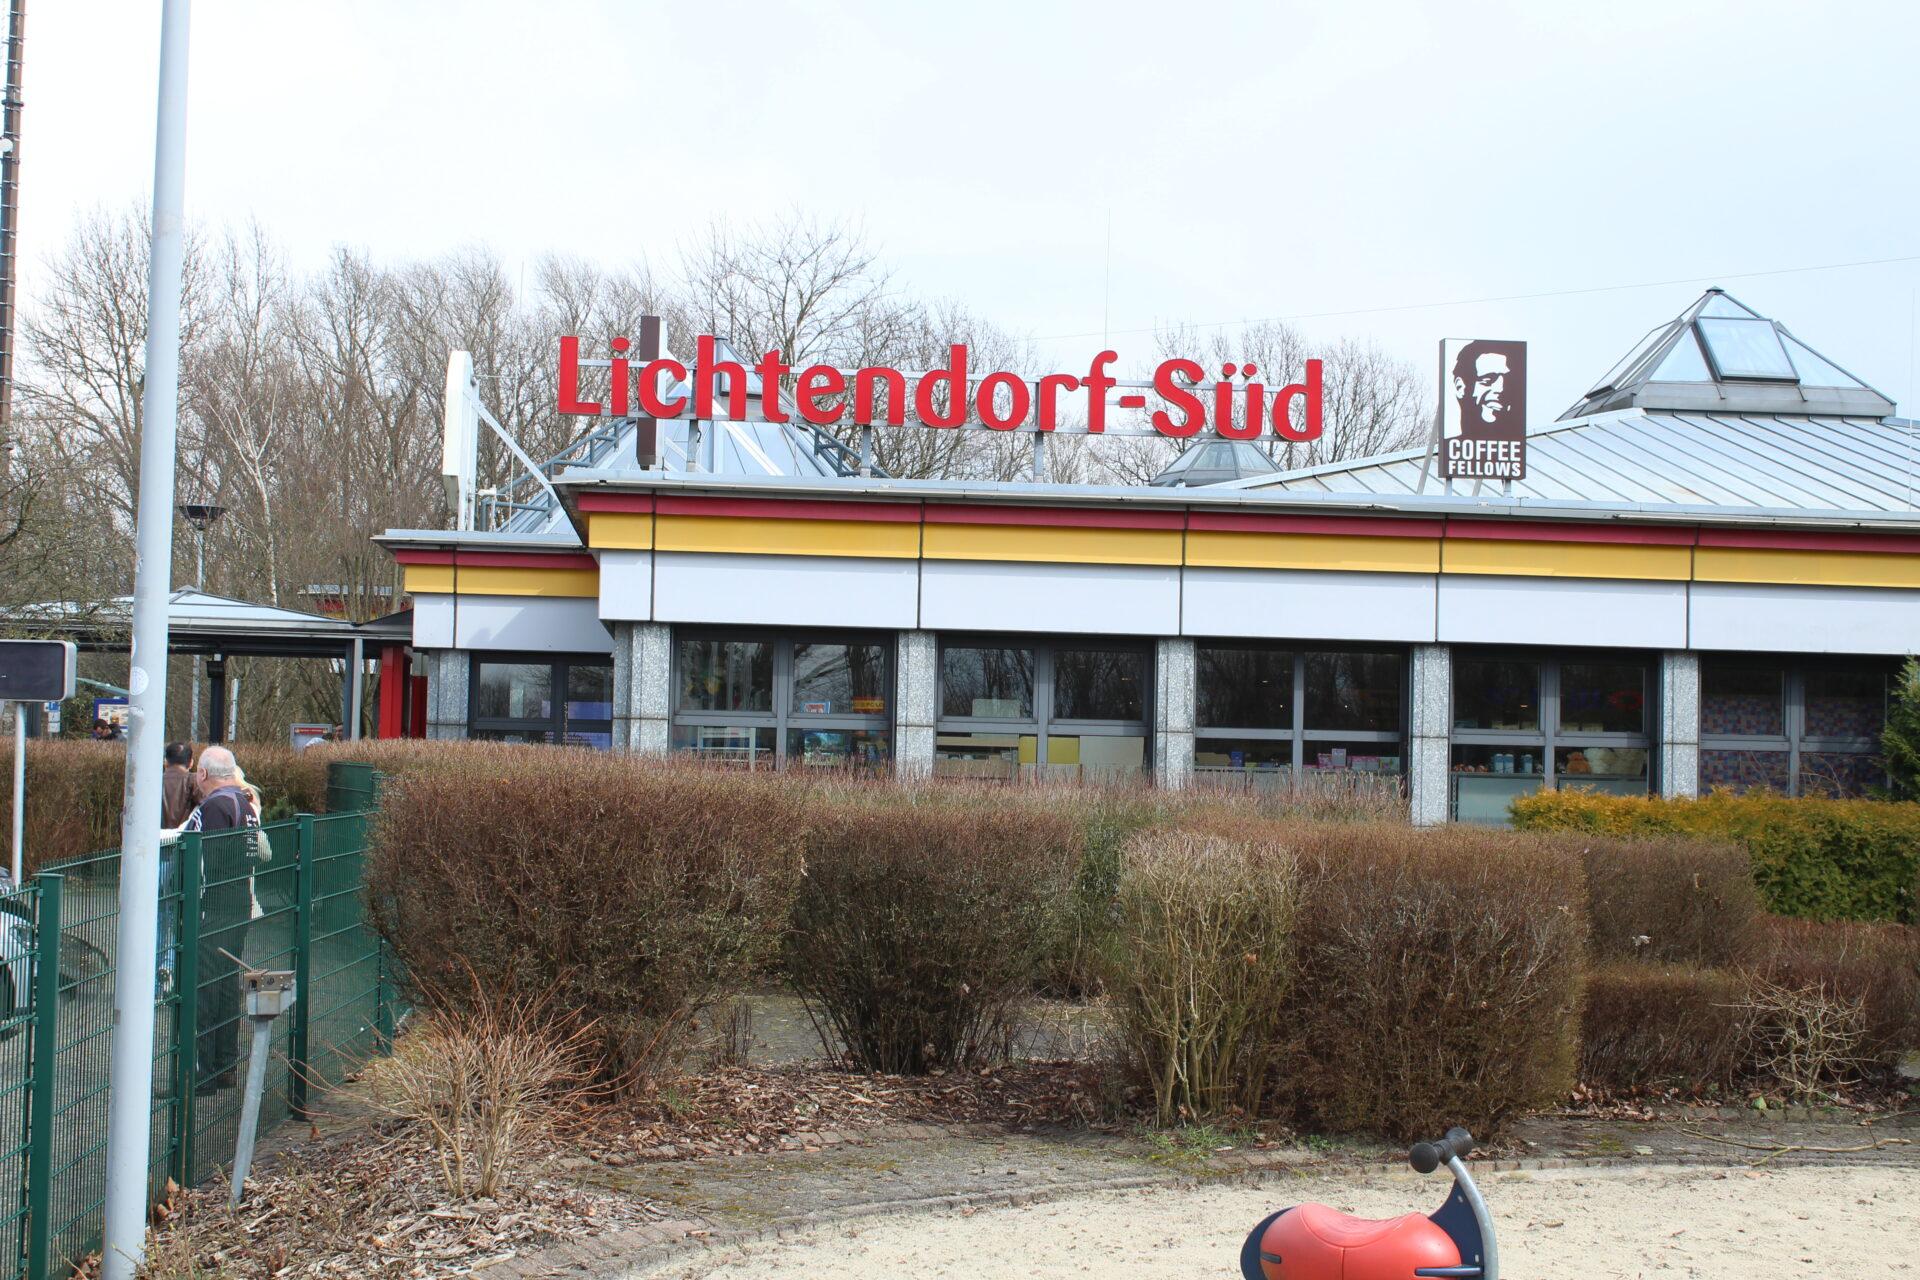 Erweiterung der Rastanlage: Stadt begleitet Pläne für Lichtendorf-Süd kritisch